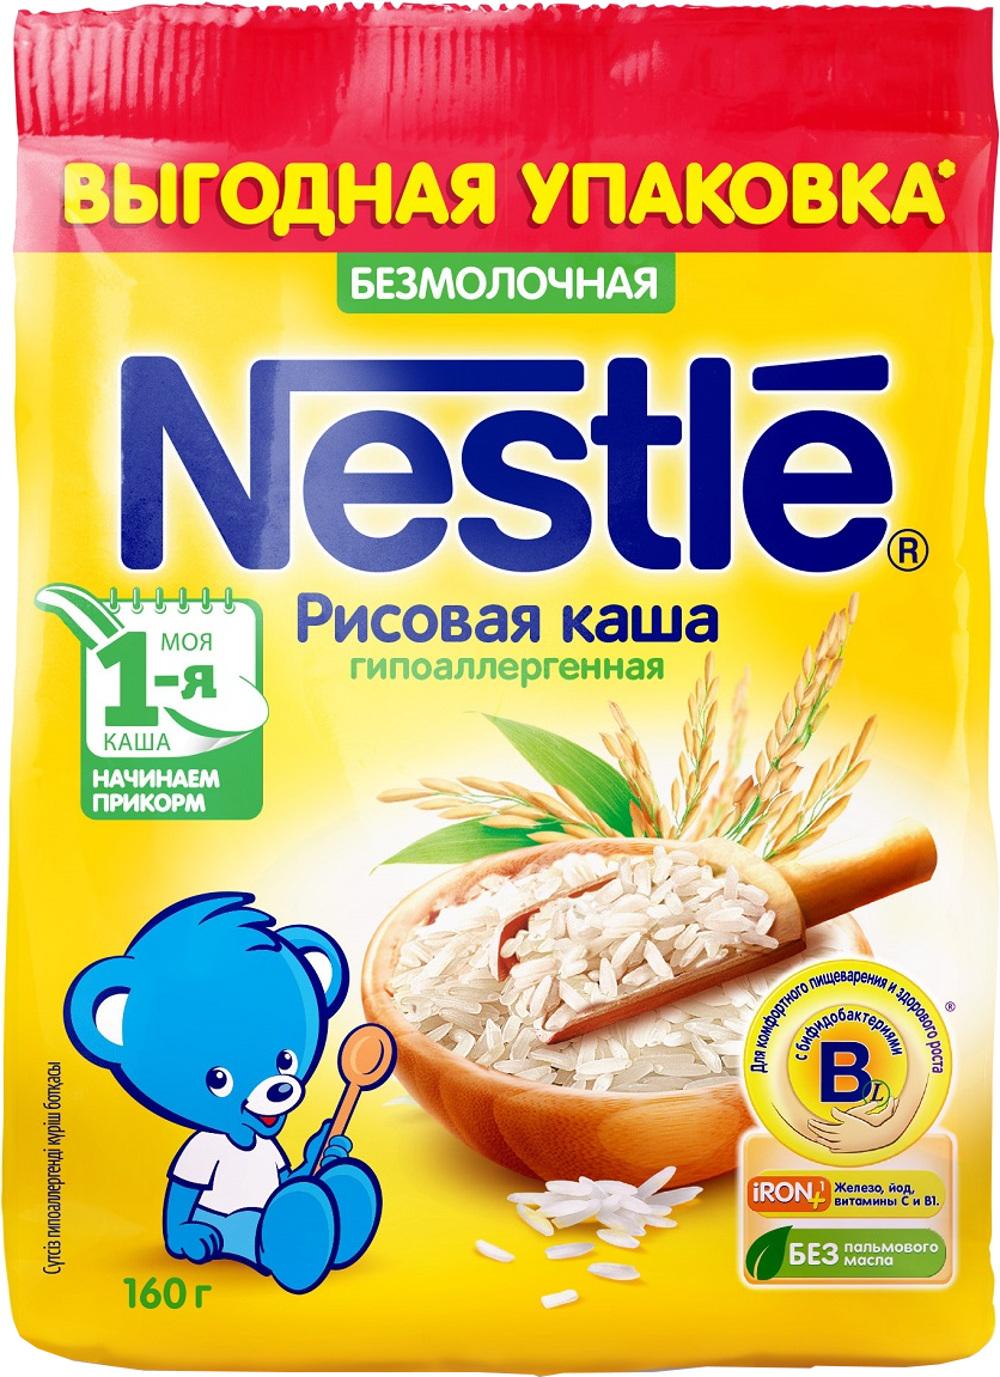 Каши Nestle Каша безмолочная Nestle рисовая гипоаллергенная с 4 мес. 160 г каши nestle каша безмолочная nestle гречневая гипоаллергенная с 4 мес 160 г